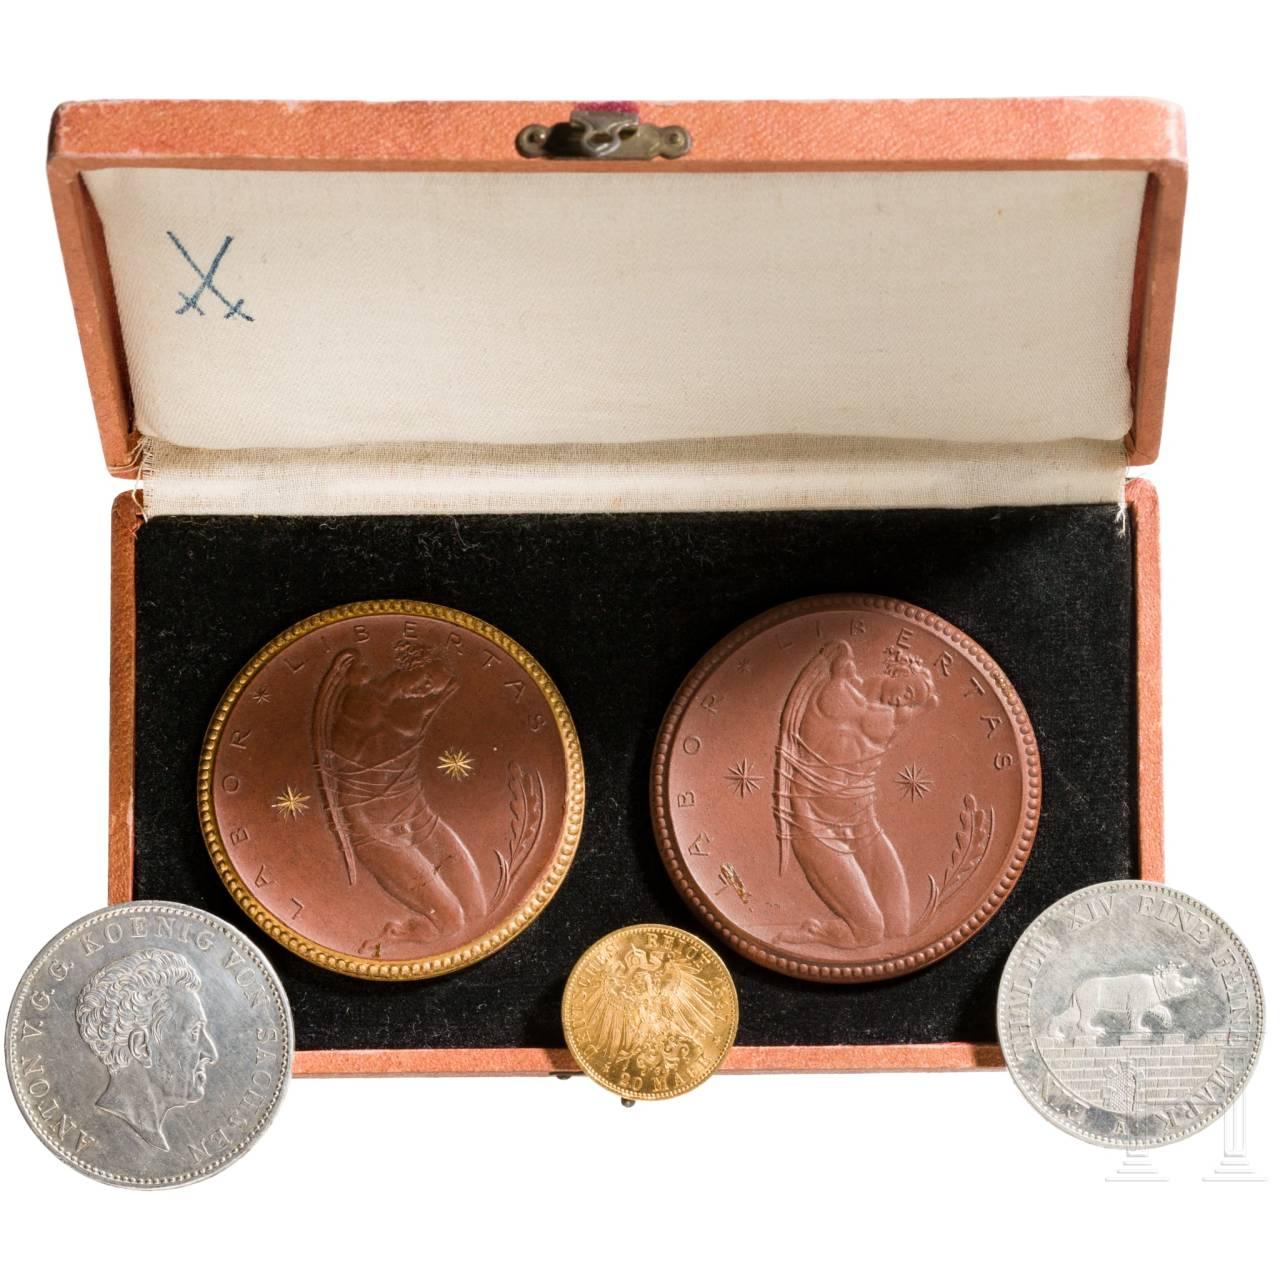 Porzellan Manufaktur Meissen - Medaillen im Etui, Gold- und Silbermünzen - Deutsches Kaiserreich, um 1900